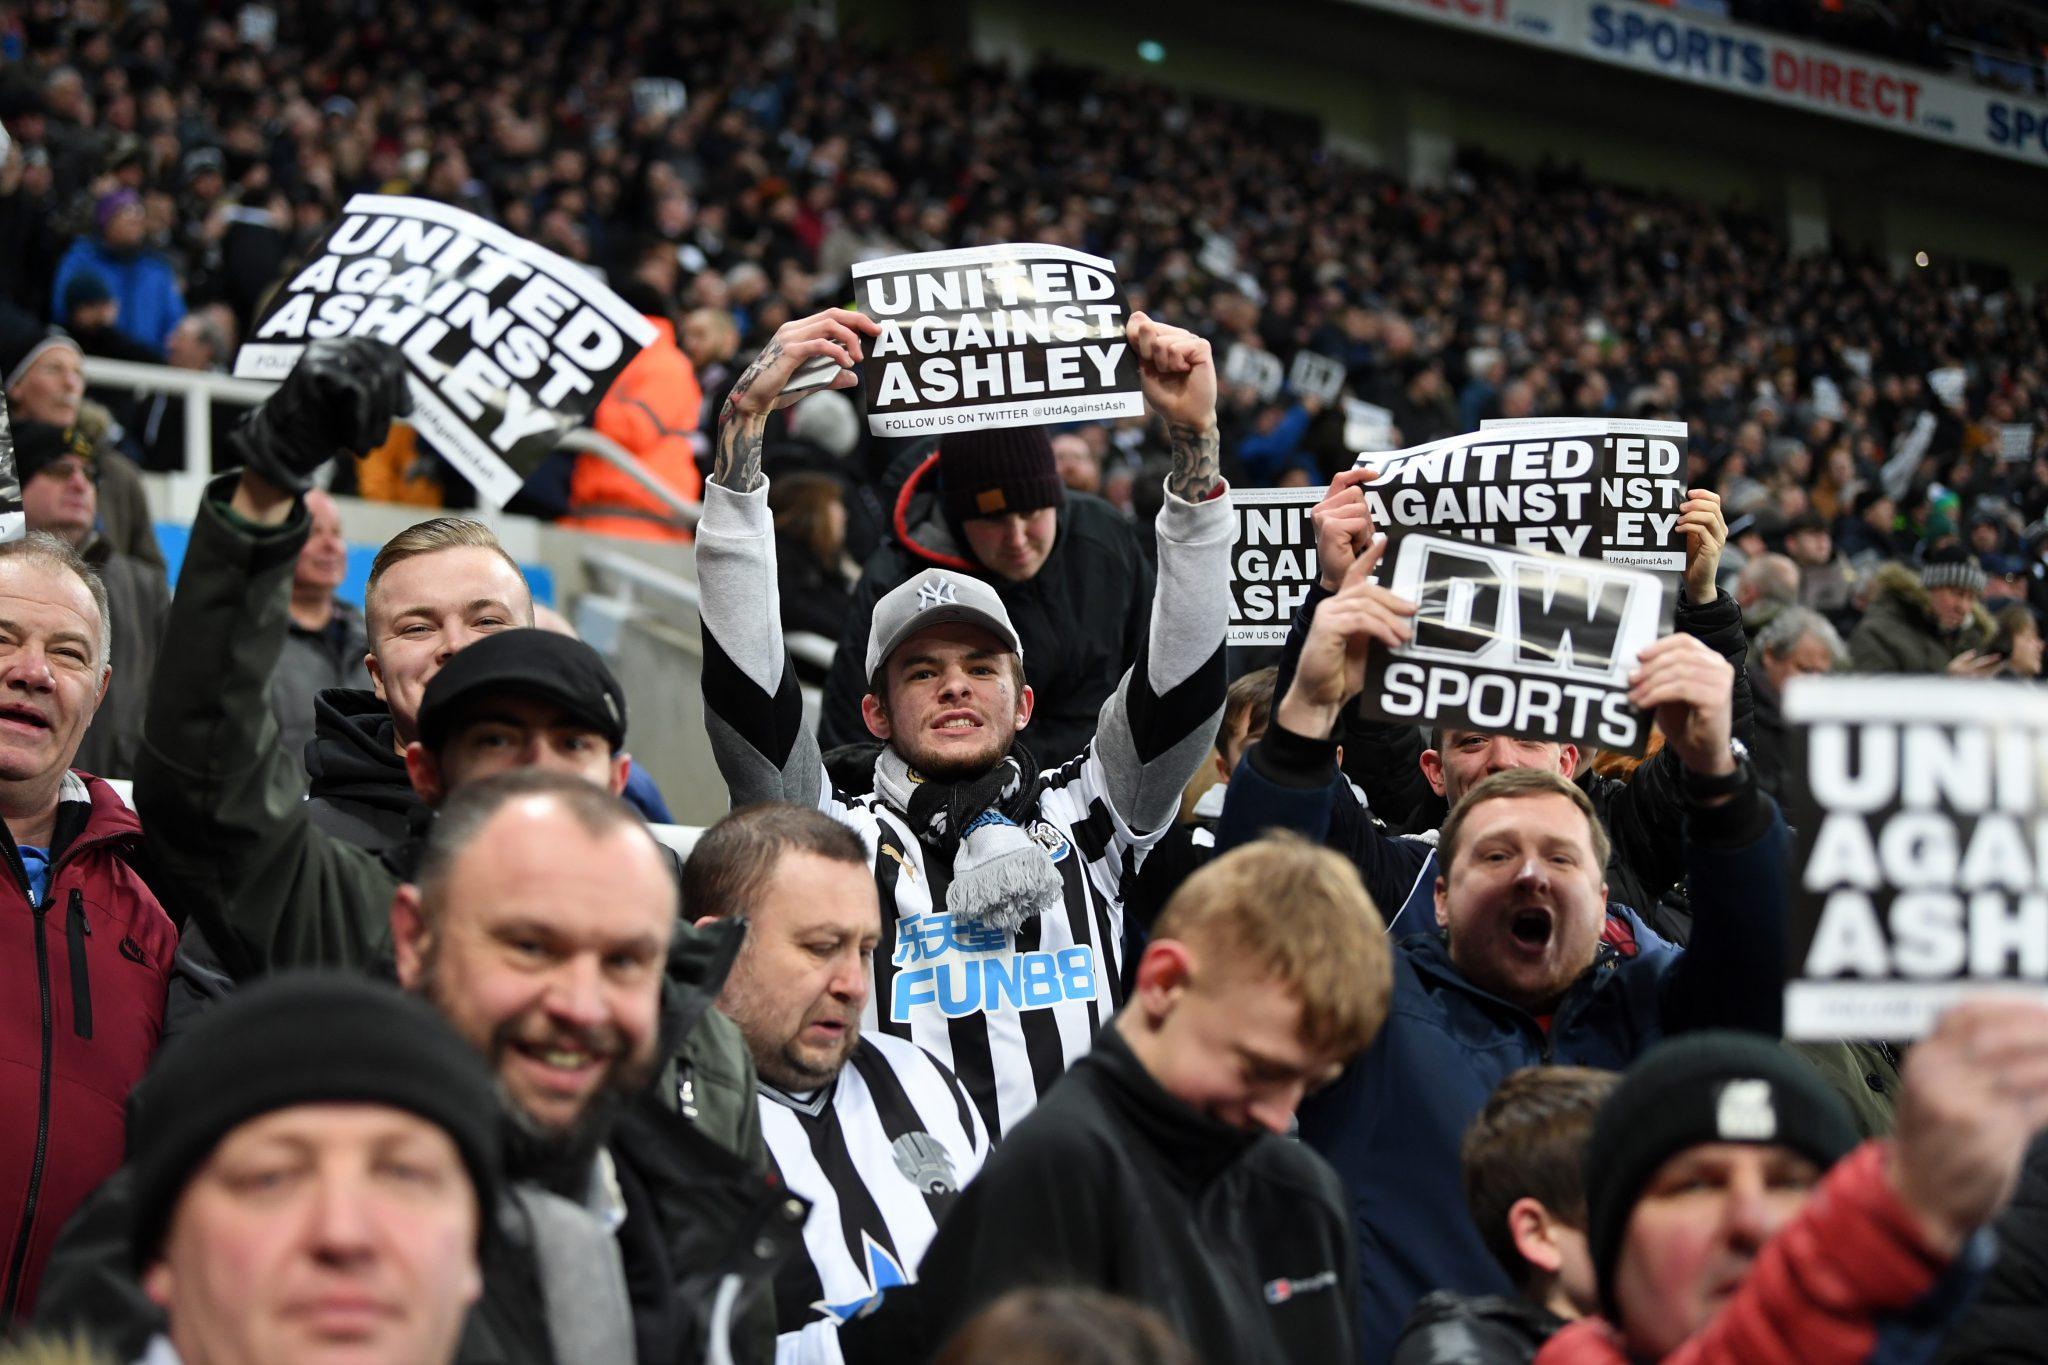 Mike Ashley e o caminho do Newcastle até a irrelevância